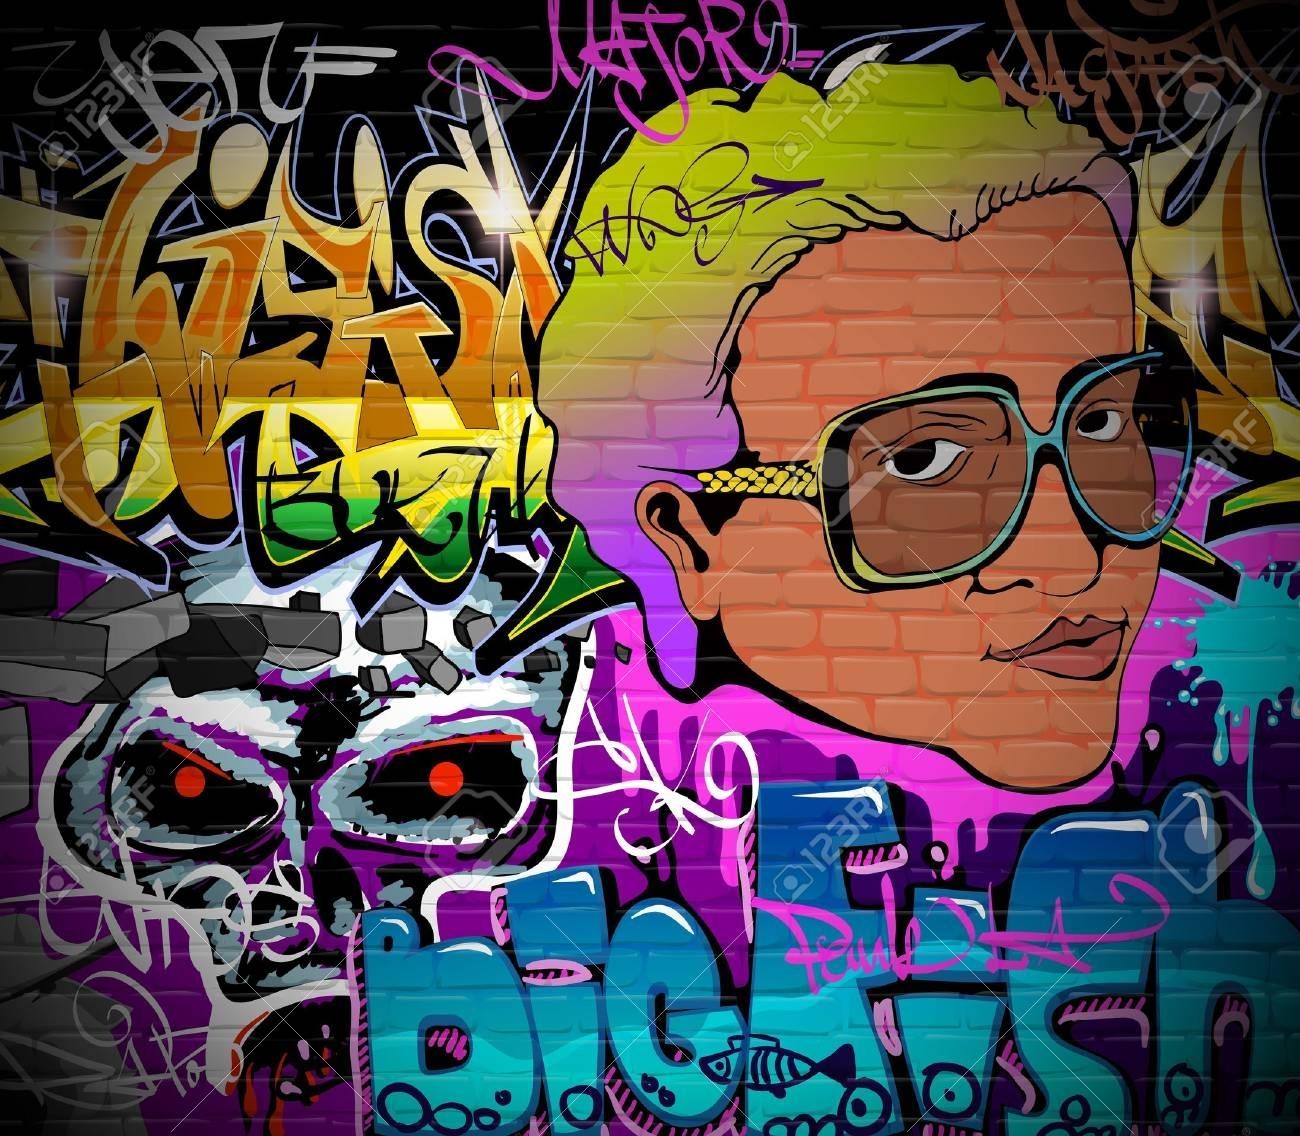 Graffiti Wall Urban Art Background Grunge Hip Hop Artistic Design In Most Popular Hip Hop Wall Art (View 7 of 15)